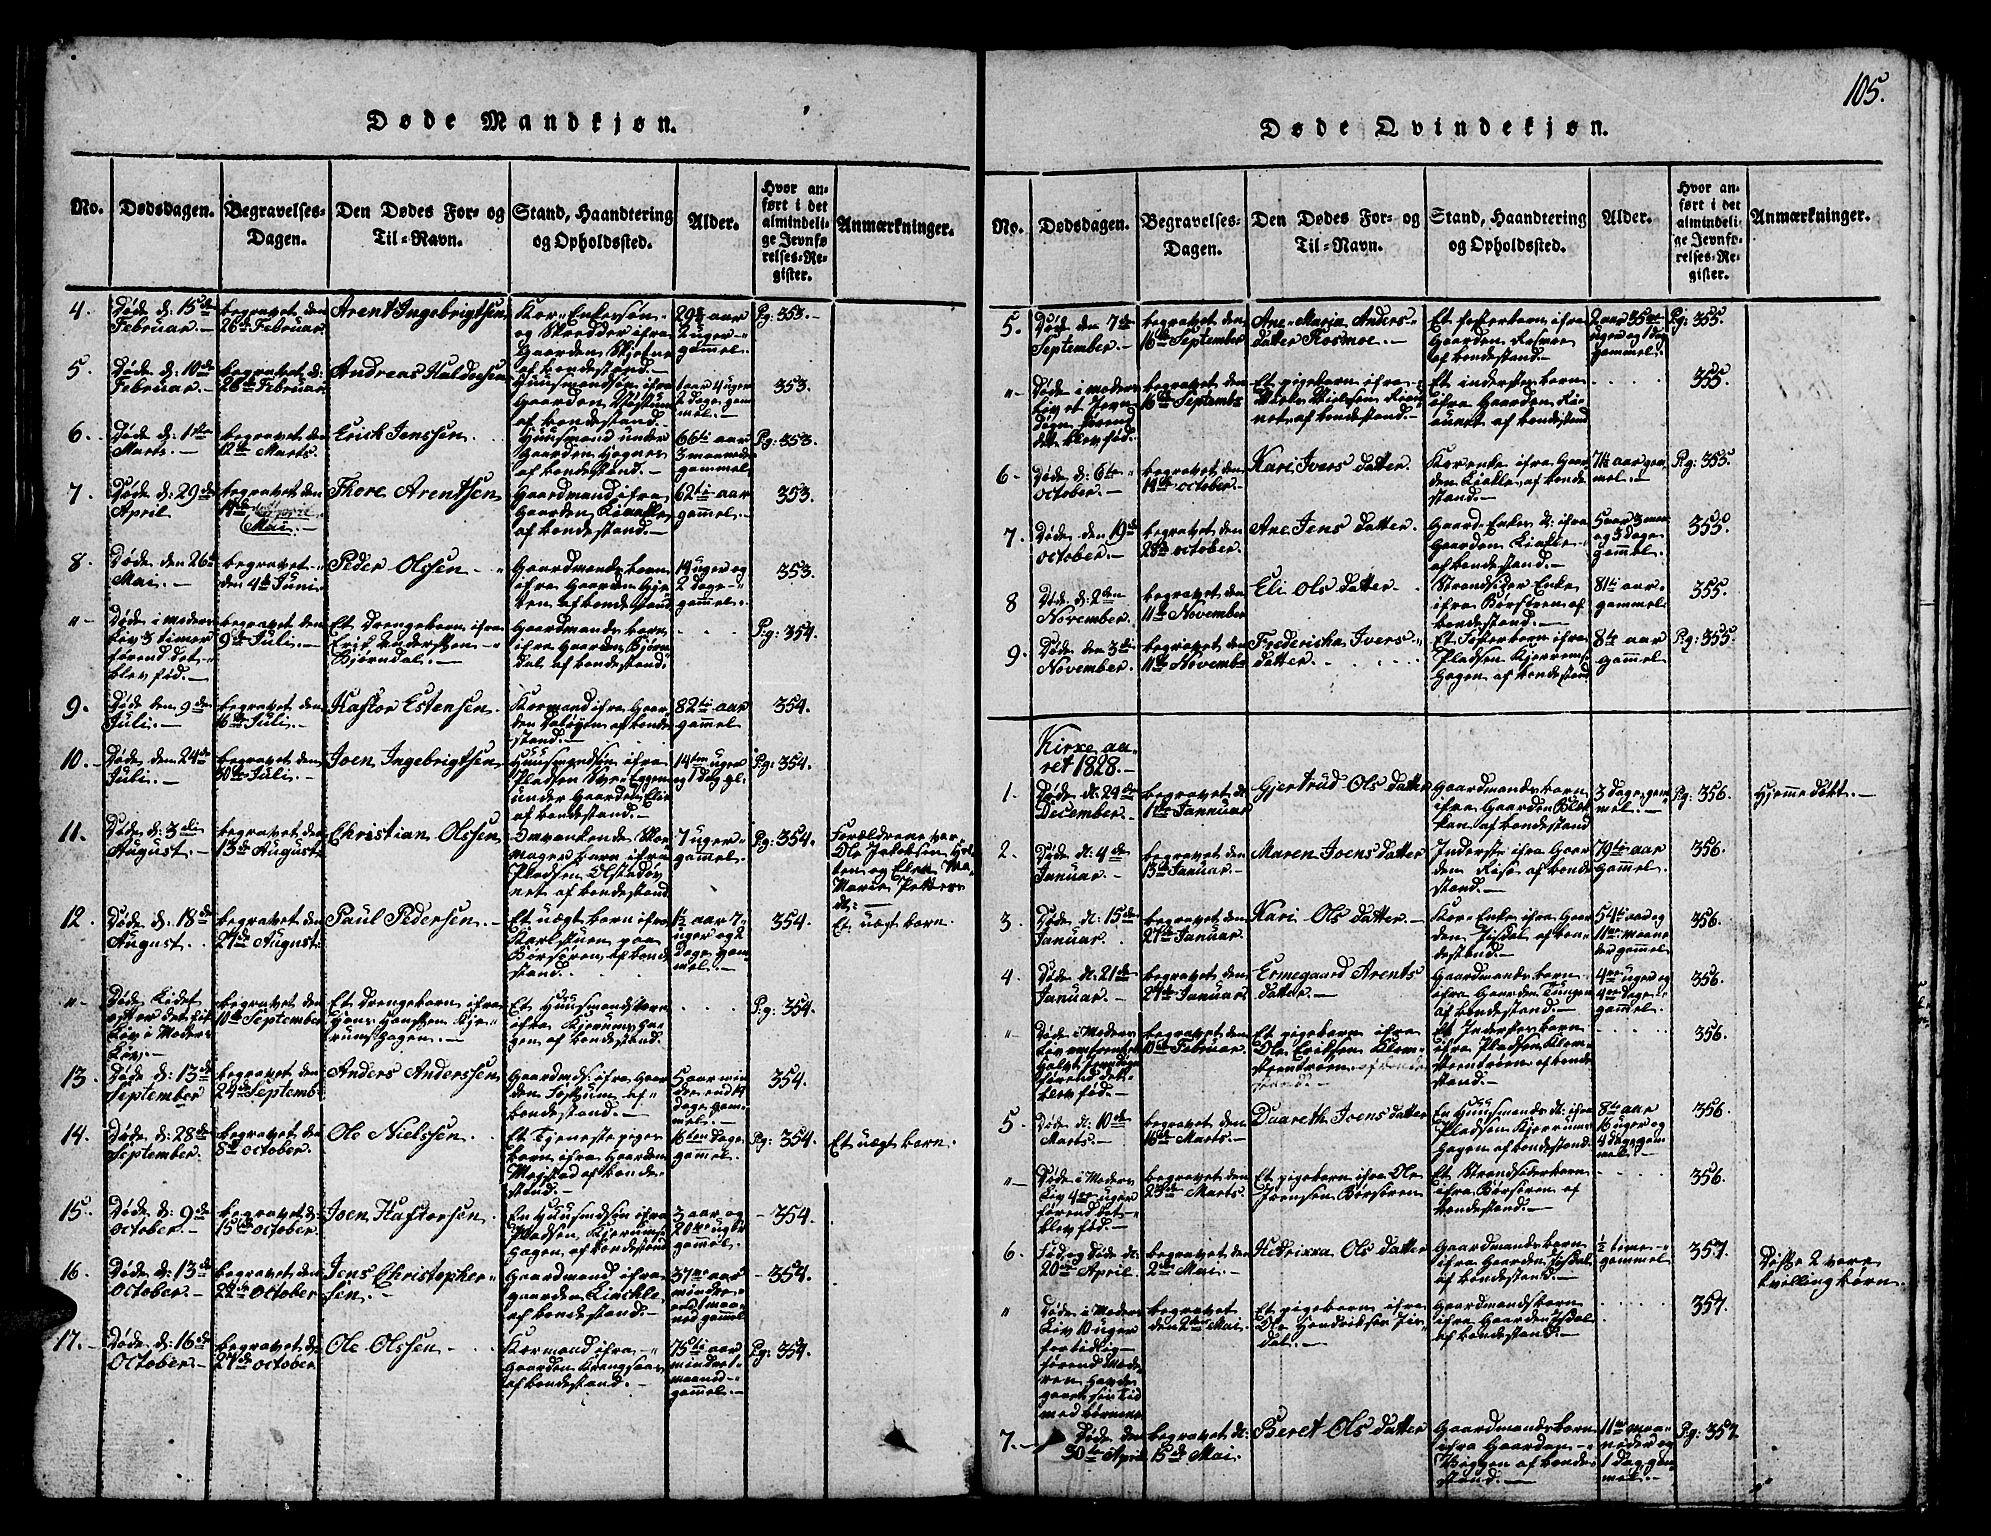 SAT, Ministerialprotokoller, klokkerbøker og fødselsregistre - Sør-Trøndelag, 665/L0776: Klokkerbok nr. 665C01, 1817-1837, s. 105